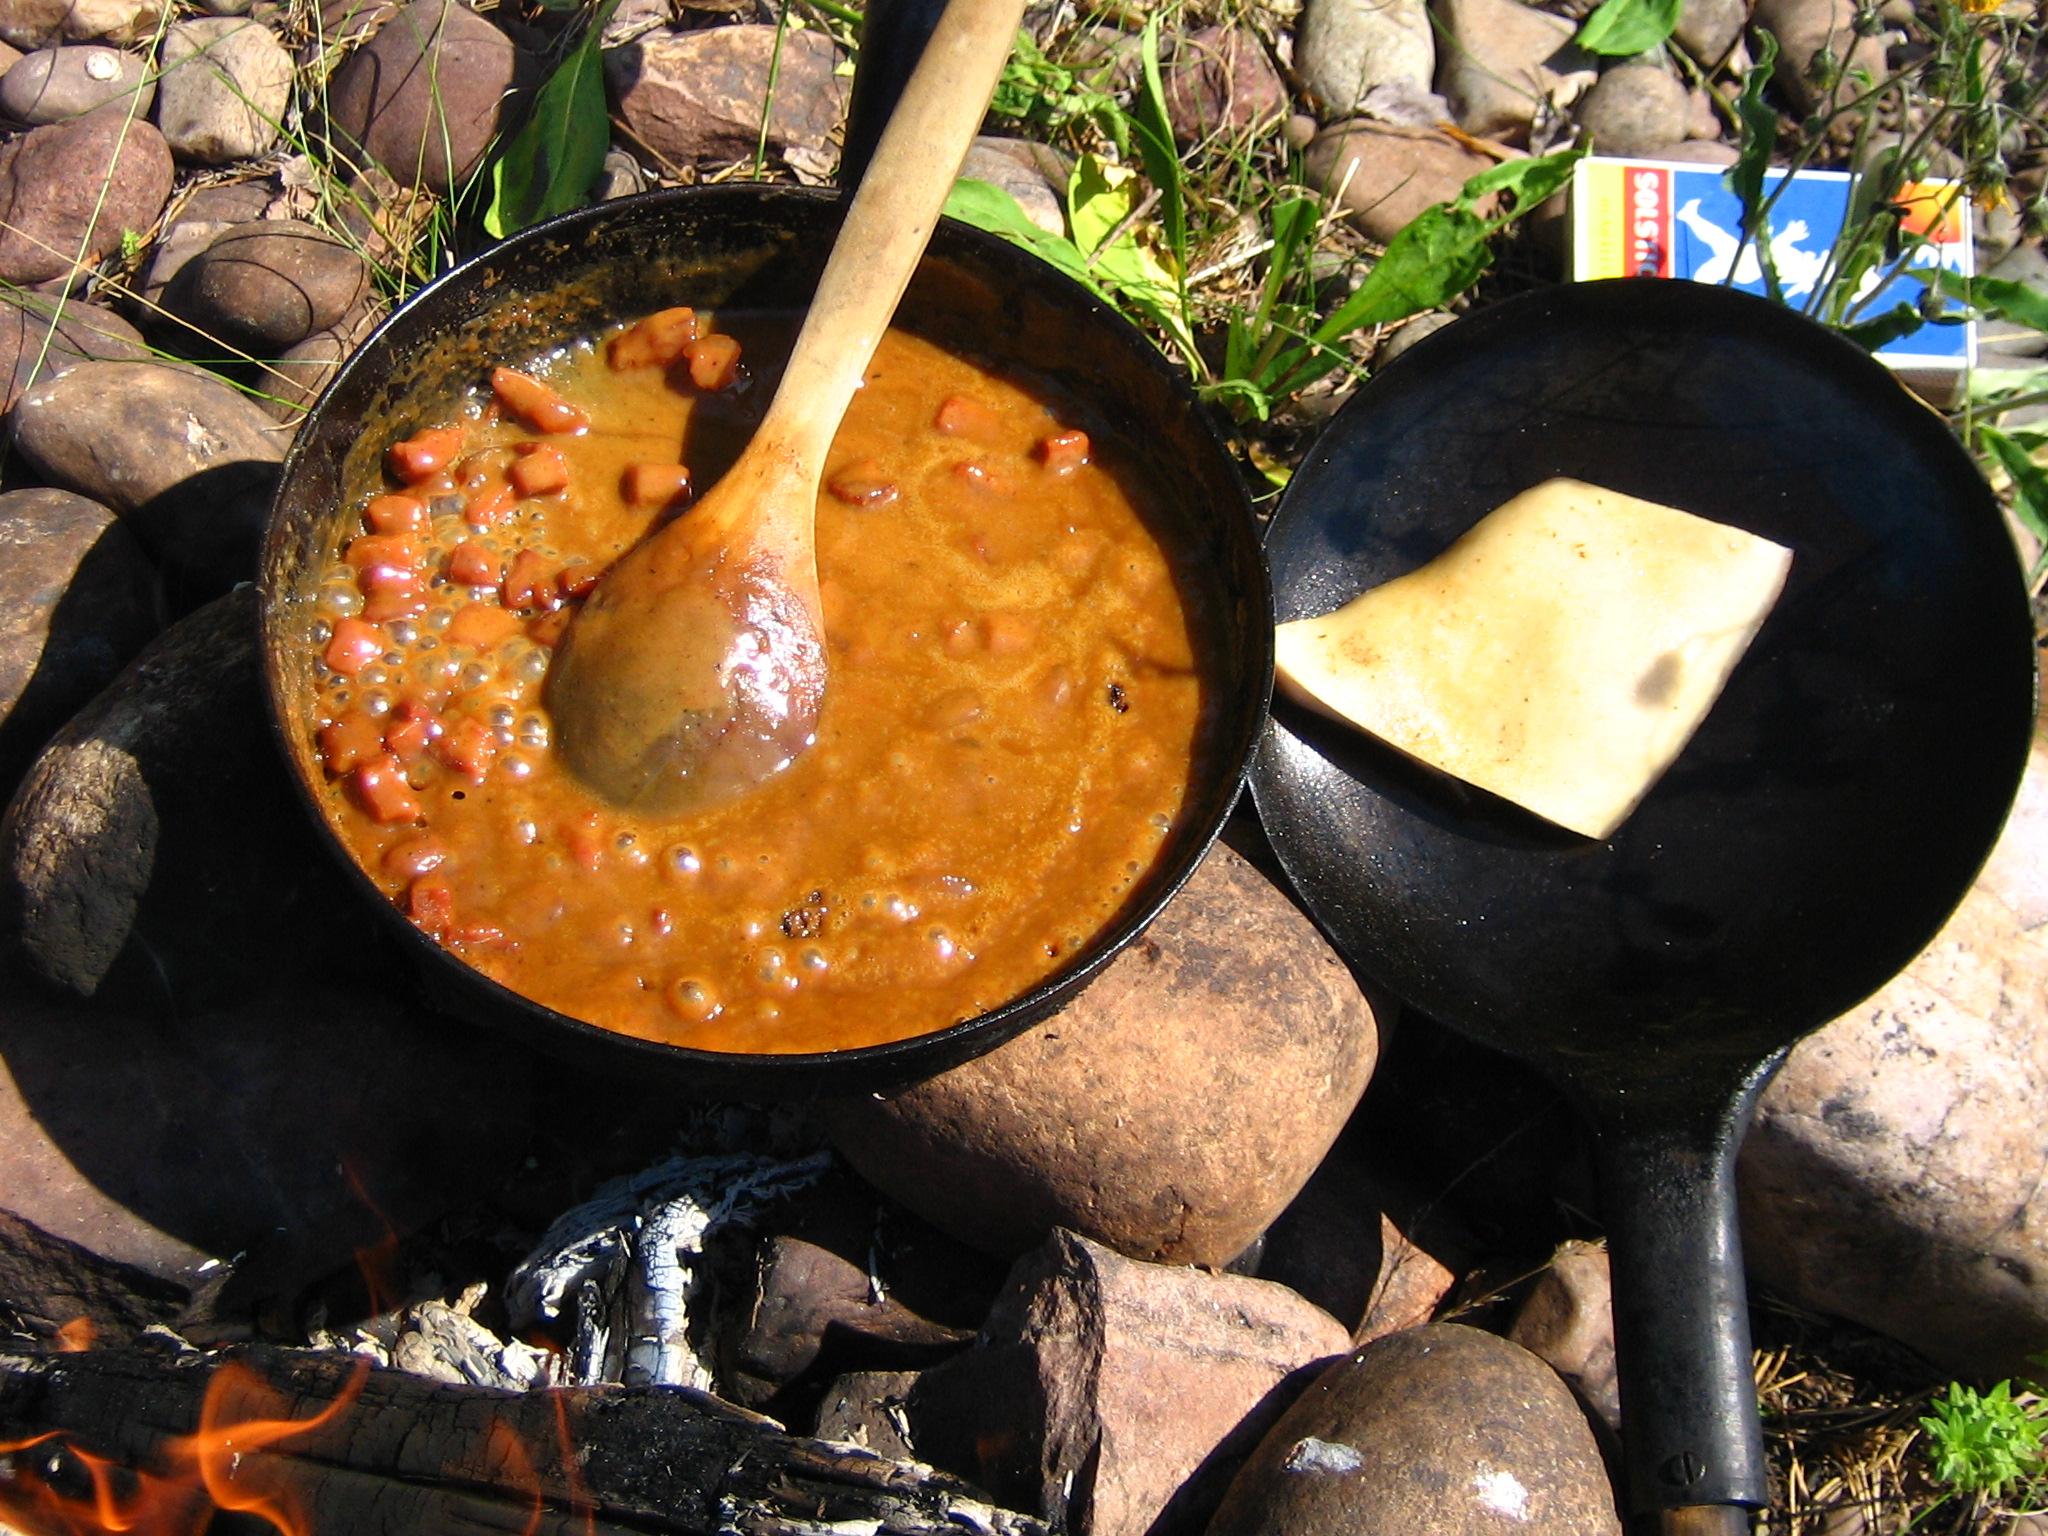 Messmörduppa, sås på Messmör och Fläsk serveras till Kolbotten